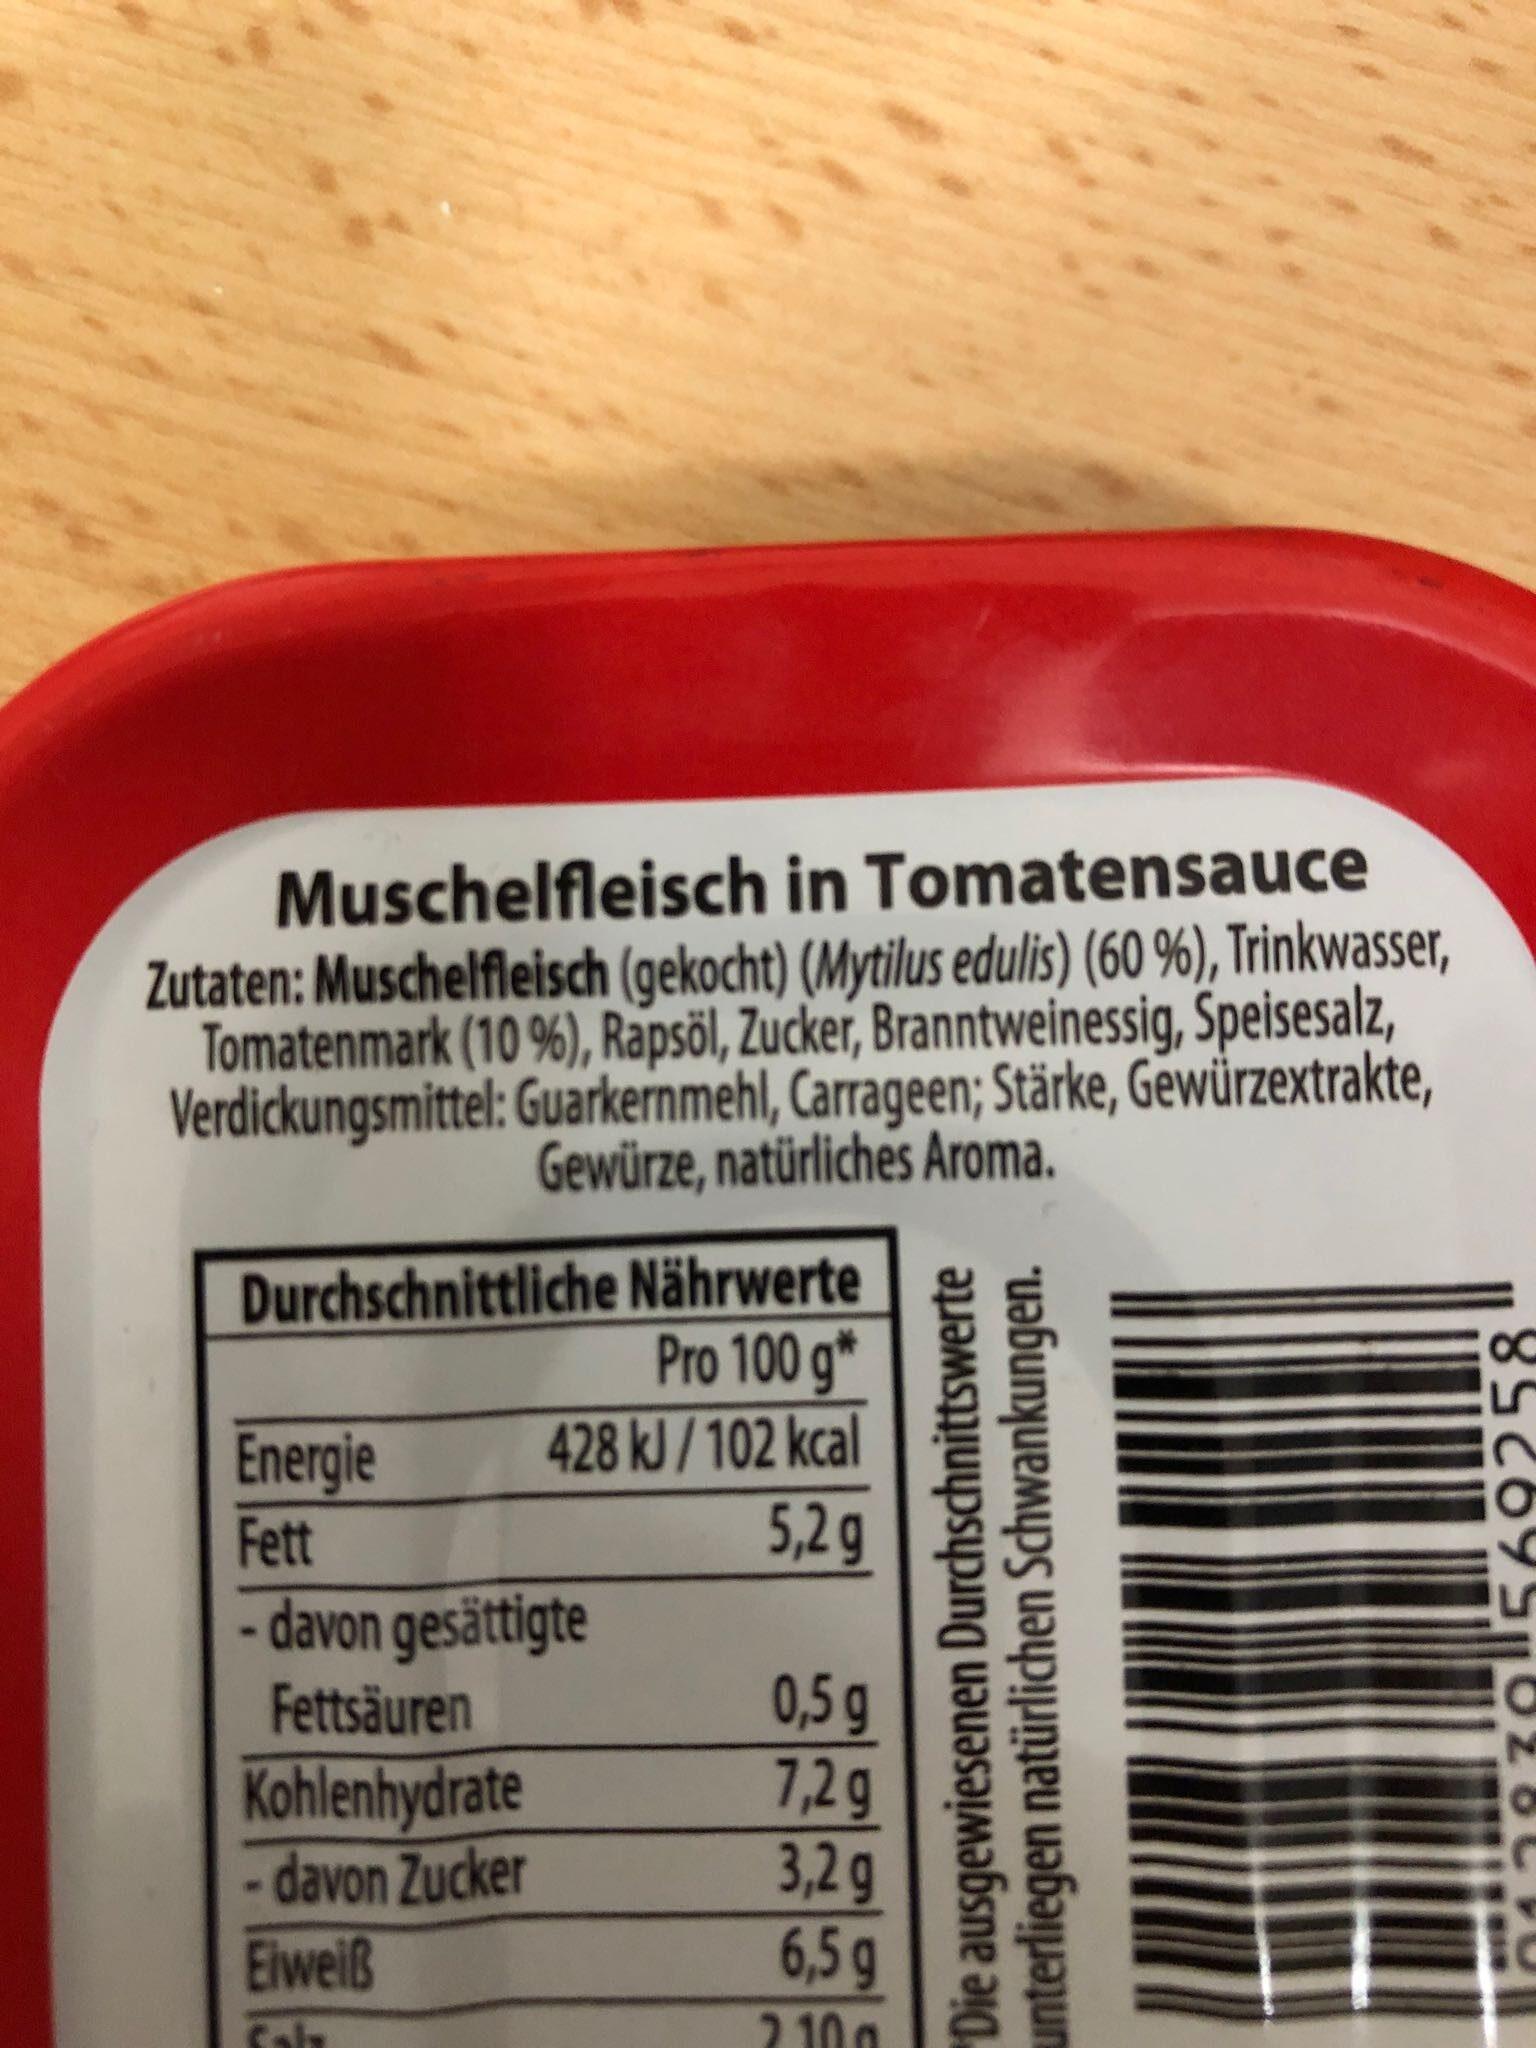 Muscheln in tomatensauce - Zutaten - de